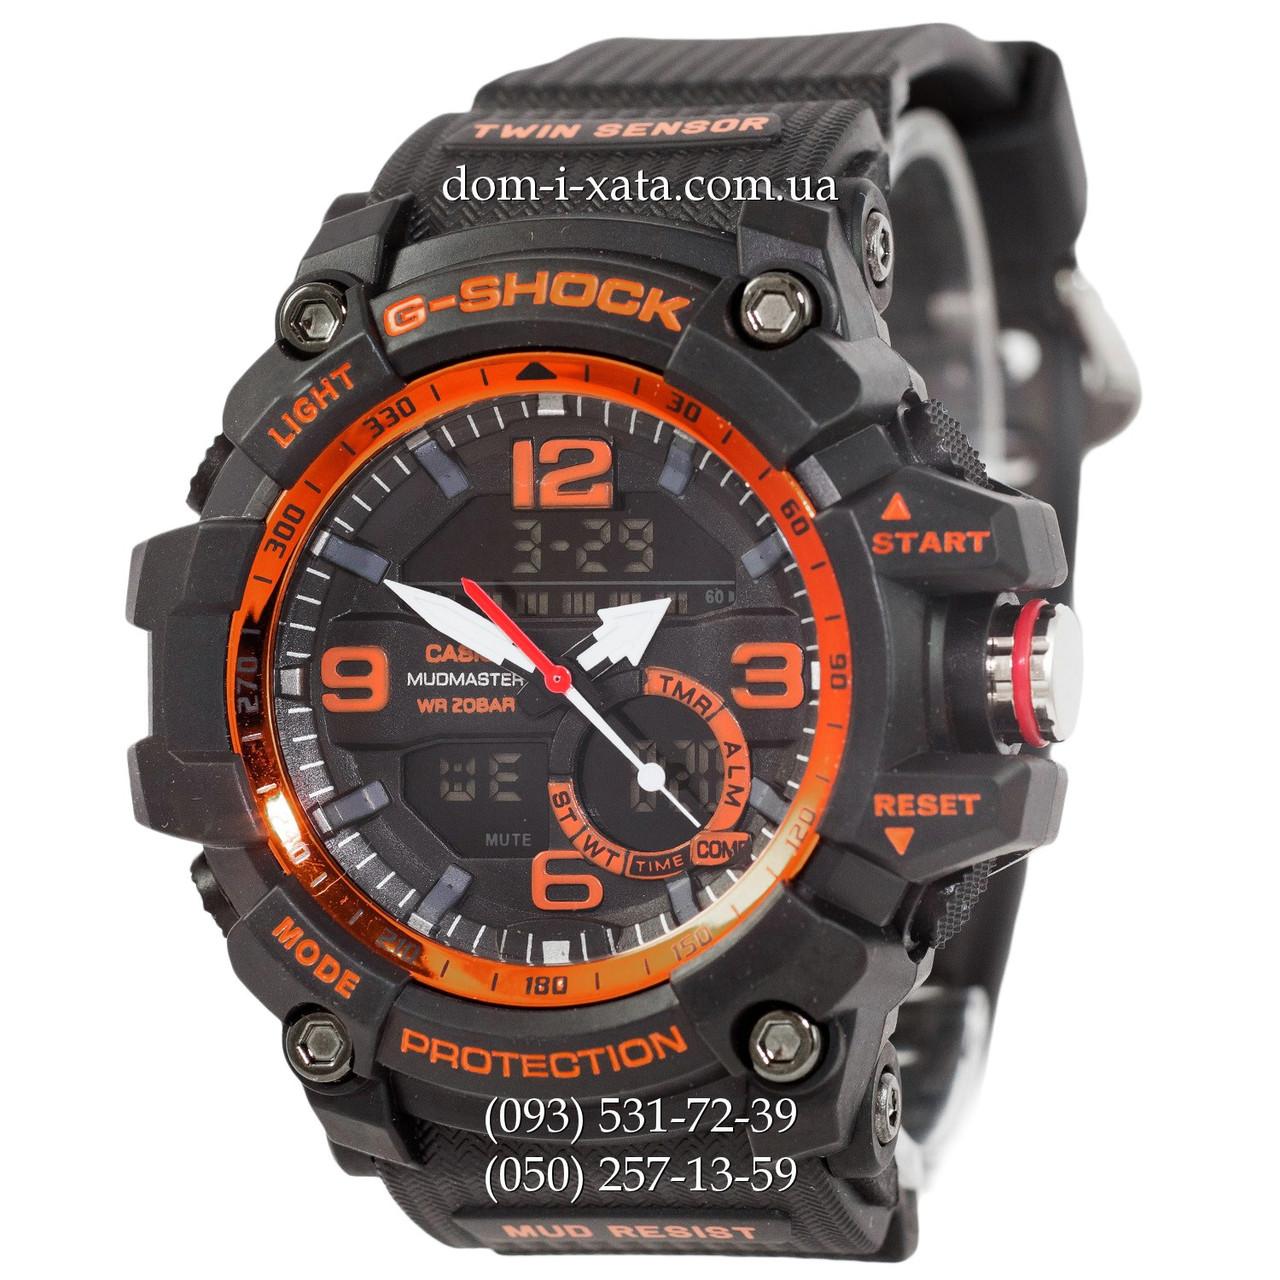 Электронные часы Casio G-Shock GG-1000 Black-Orange, спортивные часы Джи Шок, реплика